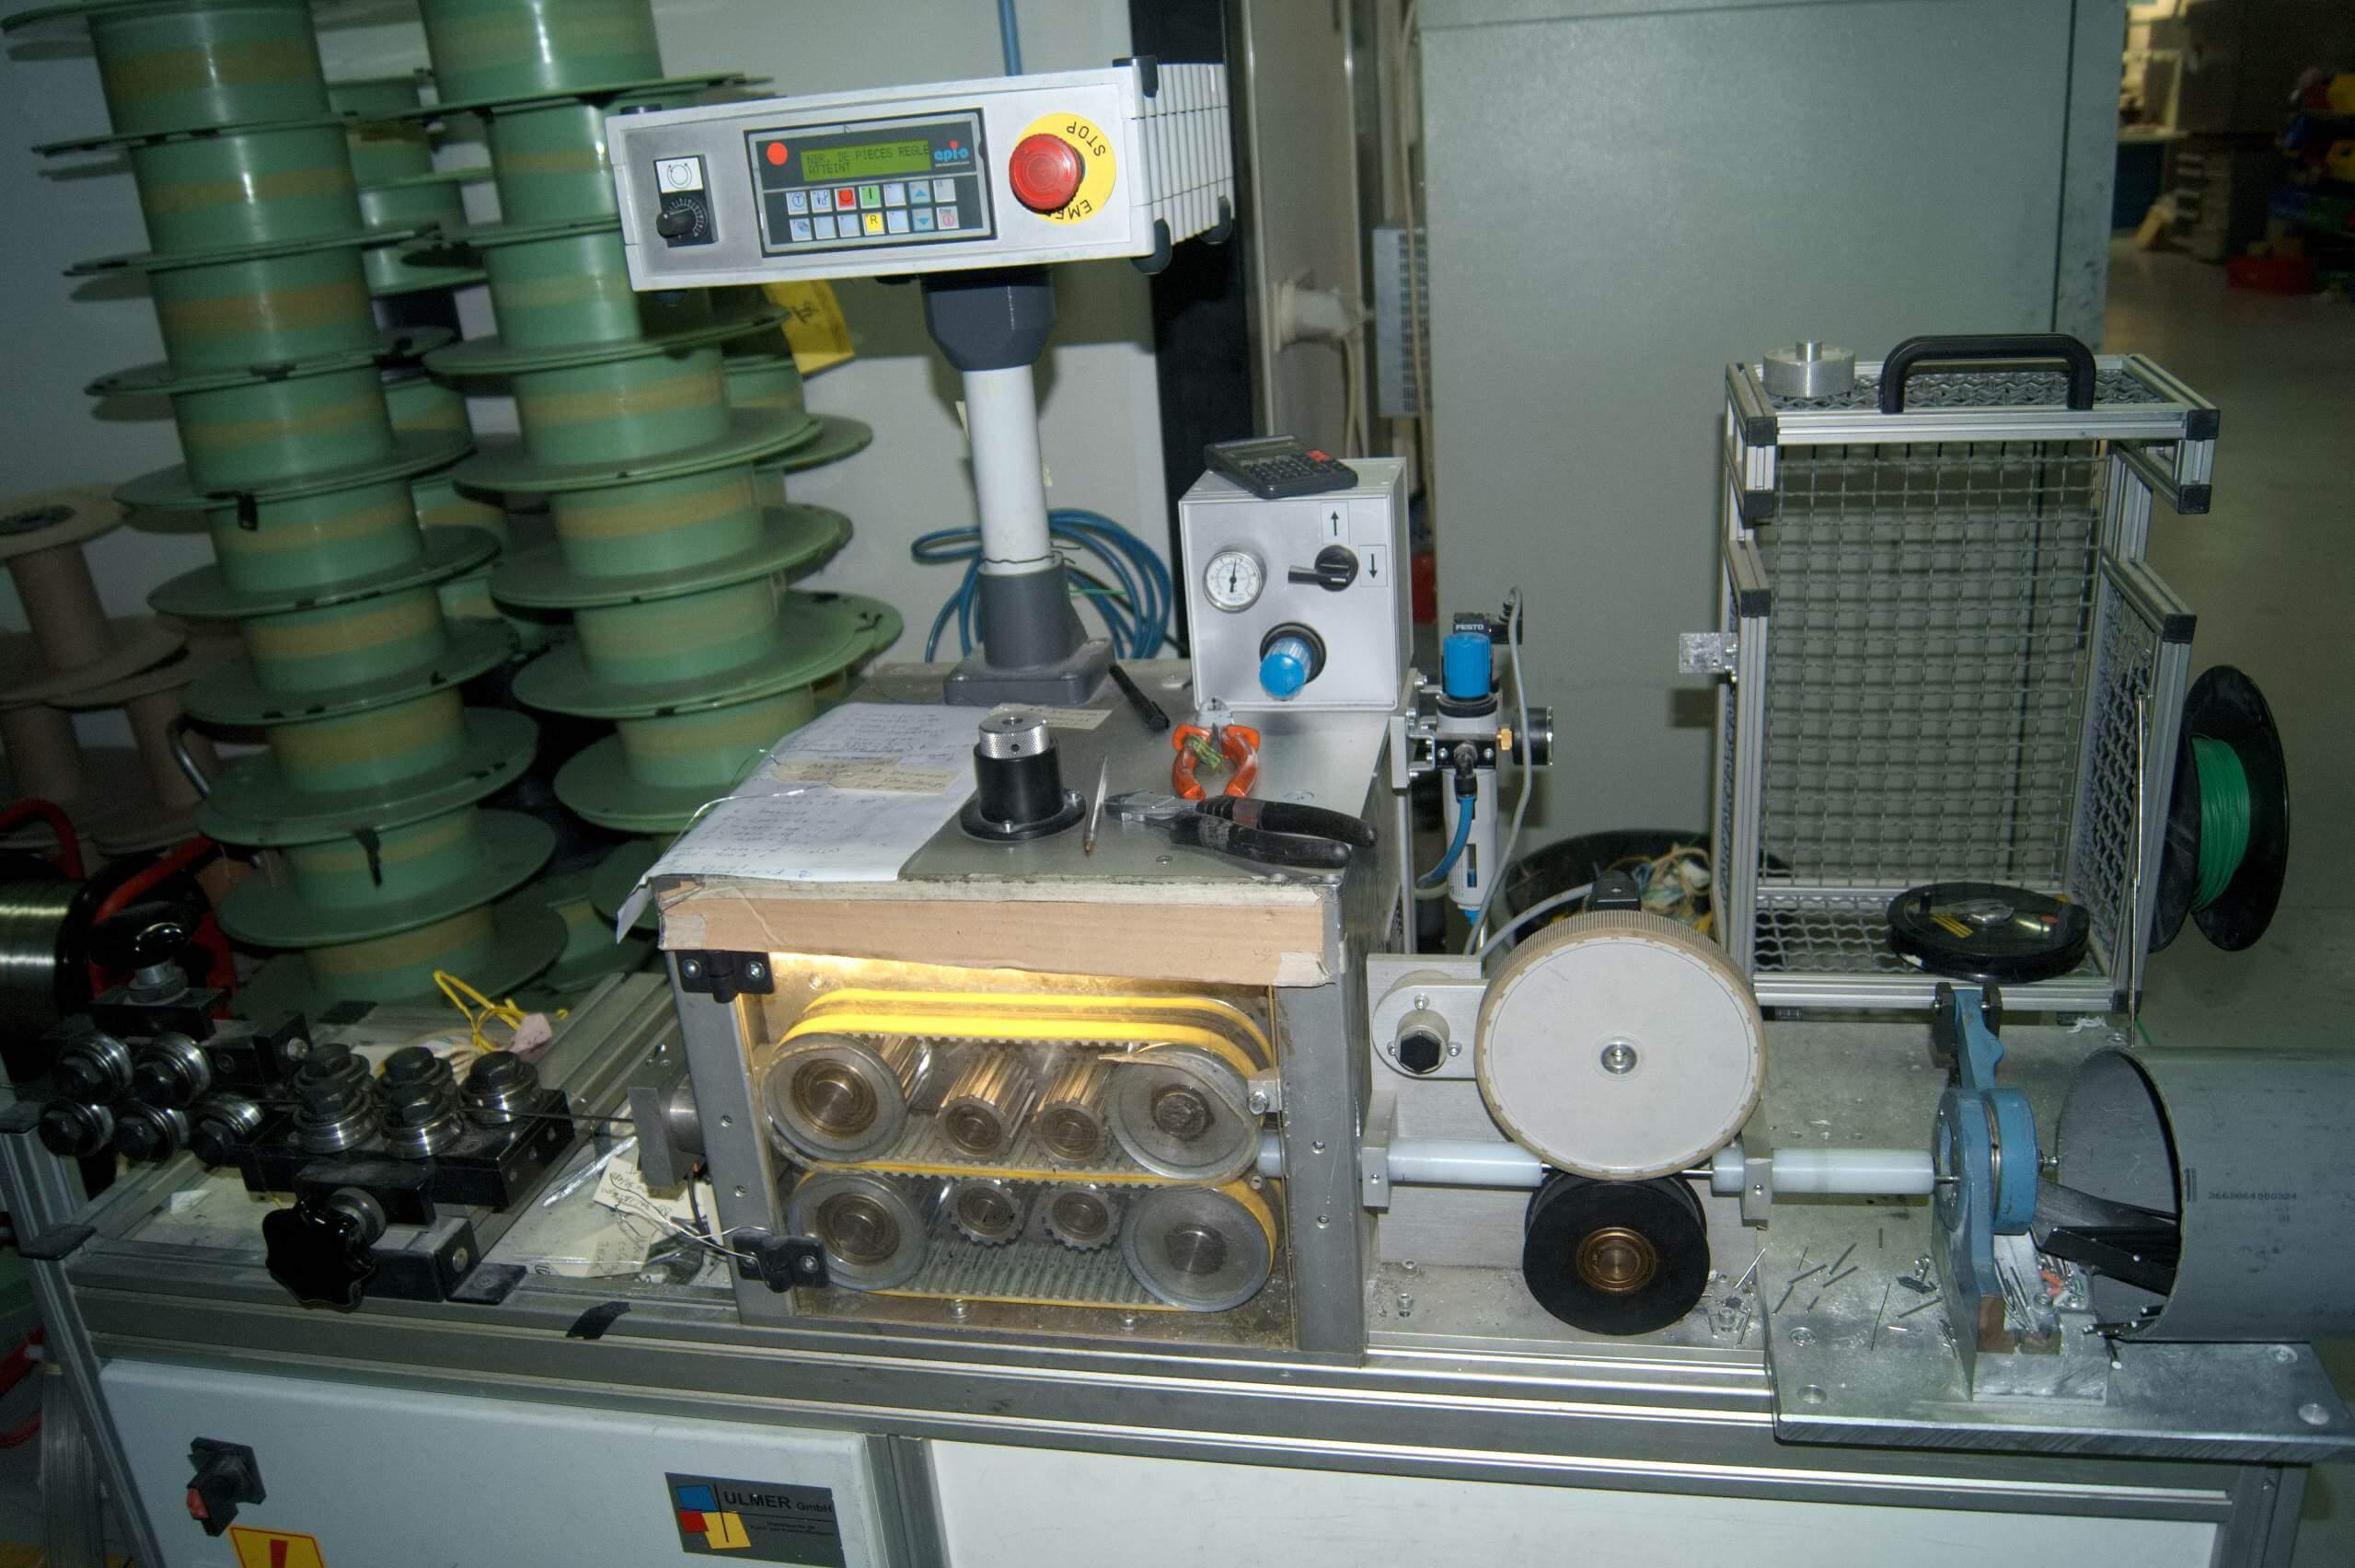 MACHINERIE SFINT THERMOCOUPLE TRESCAL